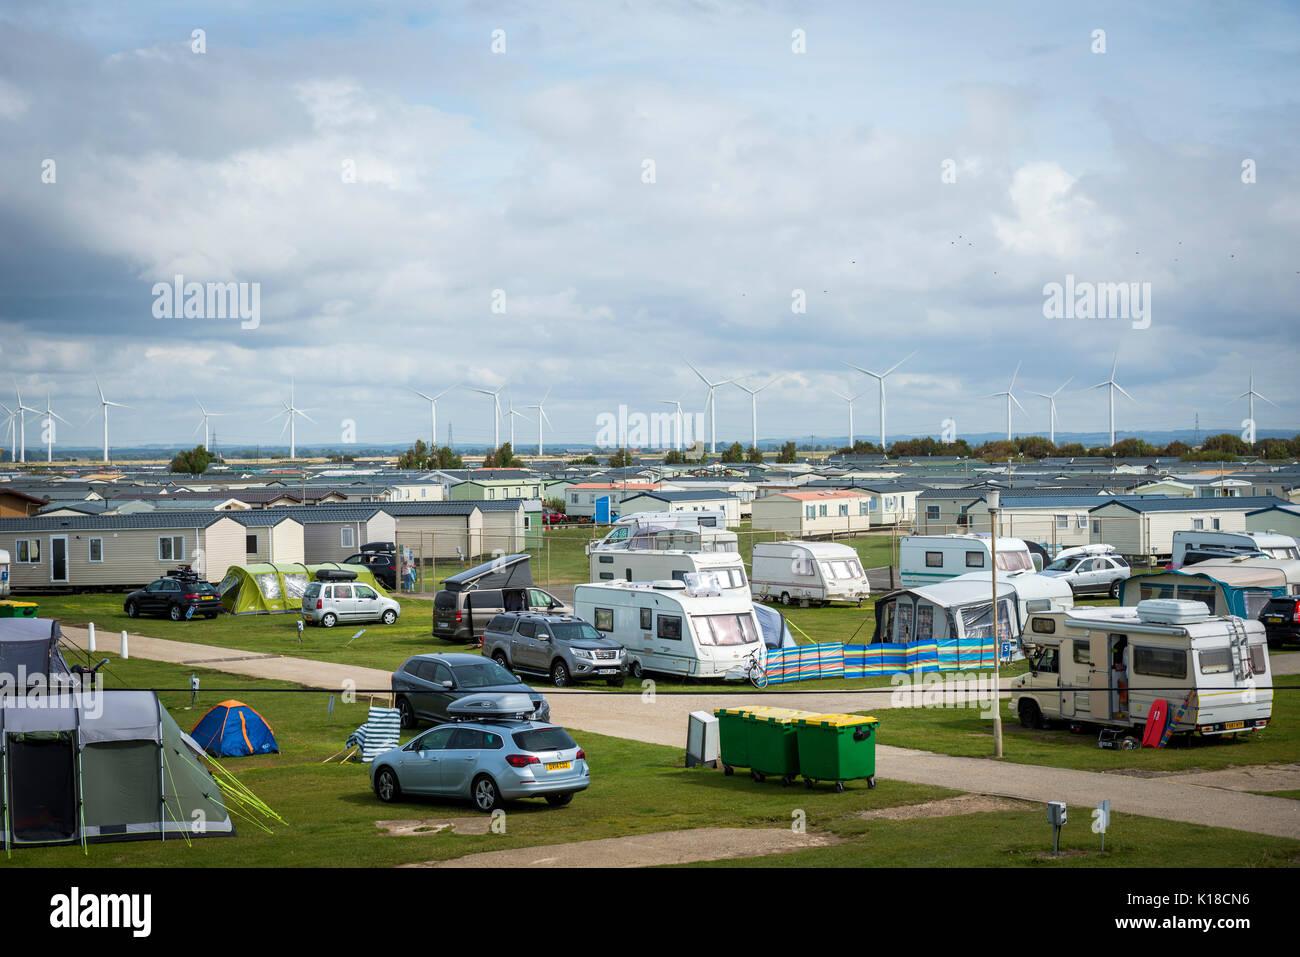 Campeggio a Camber Sands, East Sussex, Regno Unito Immagini Stock